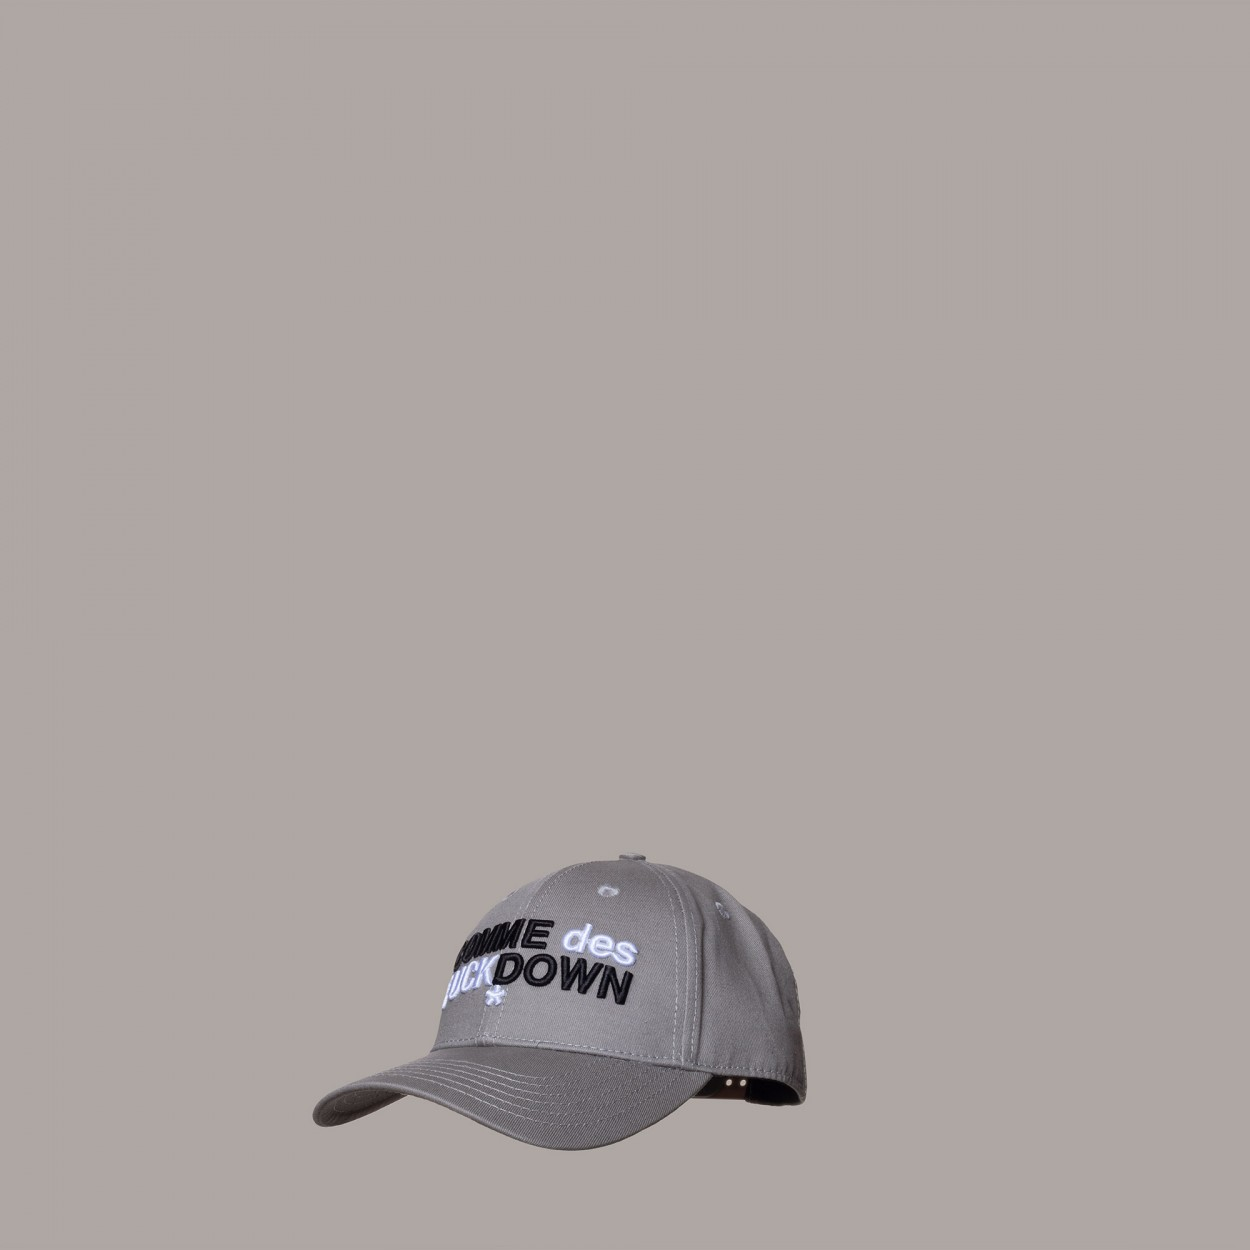 HAT - CD19IA30GR - COMME DES FKDOWN